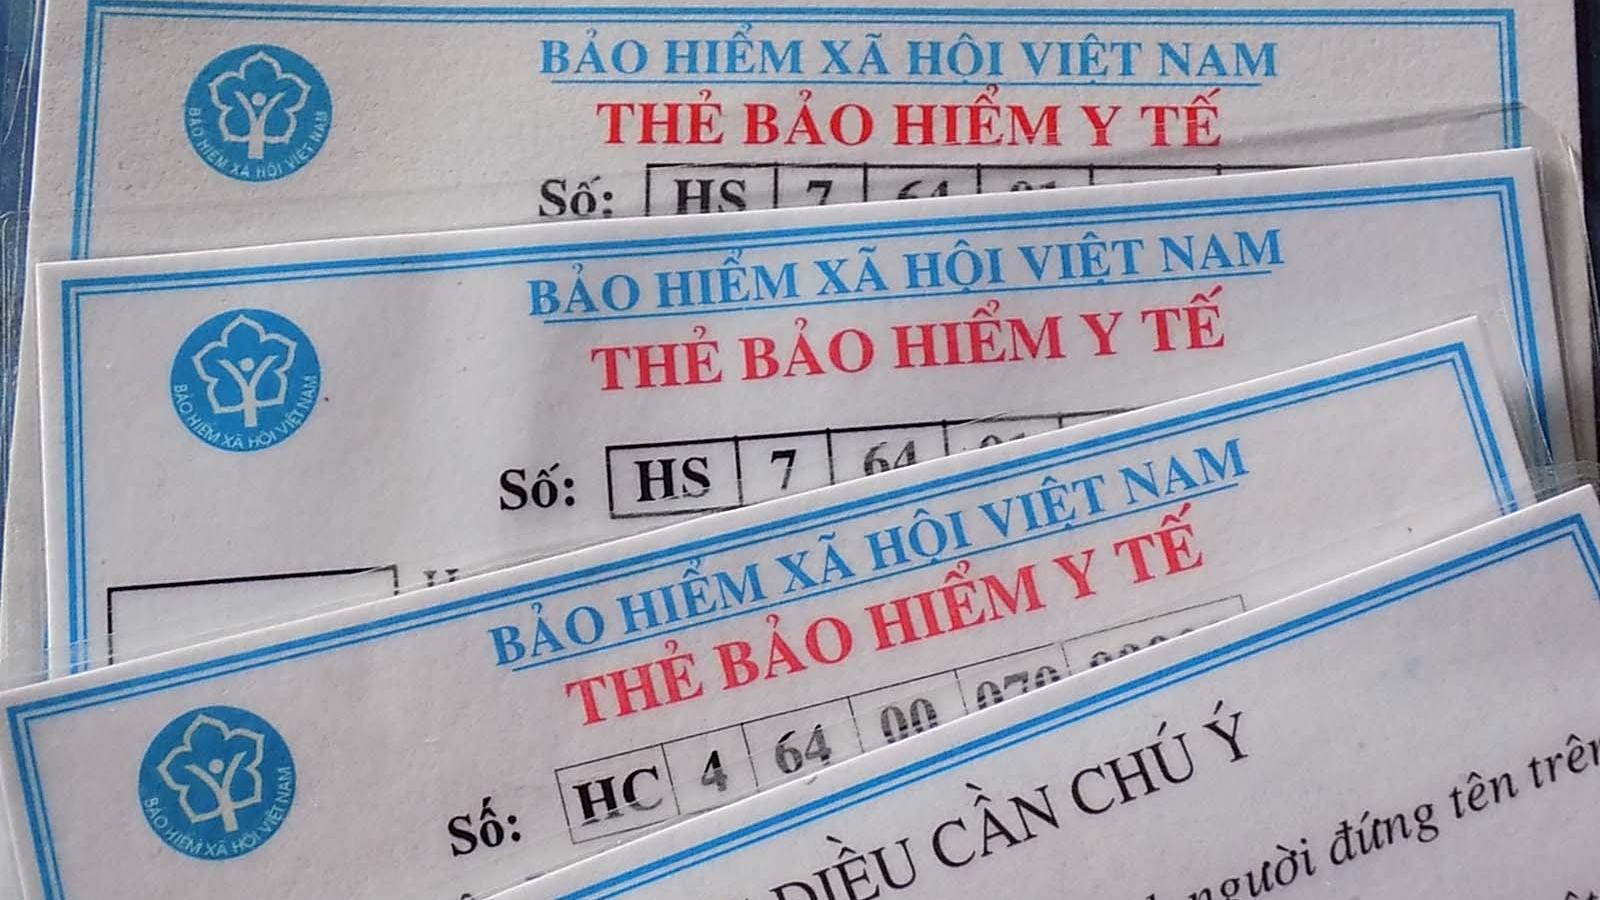 dieu chinh tang muc dong bhyt cua hoc sinh sinh vien nam hoc 2019 2020